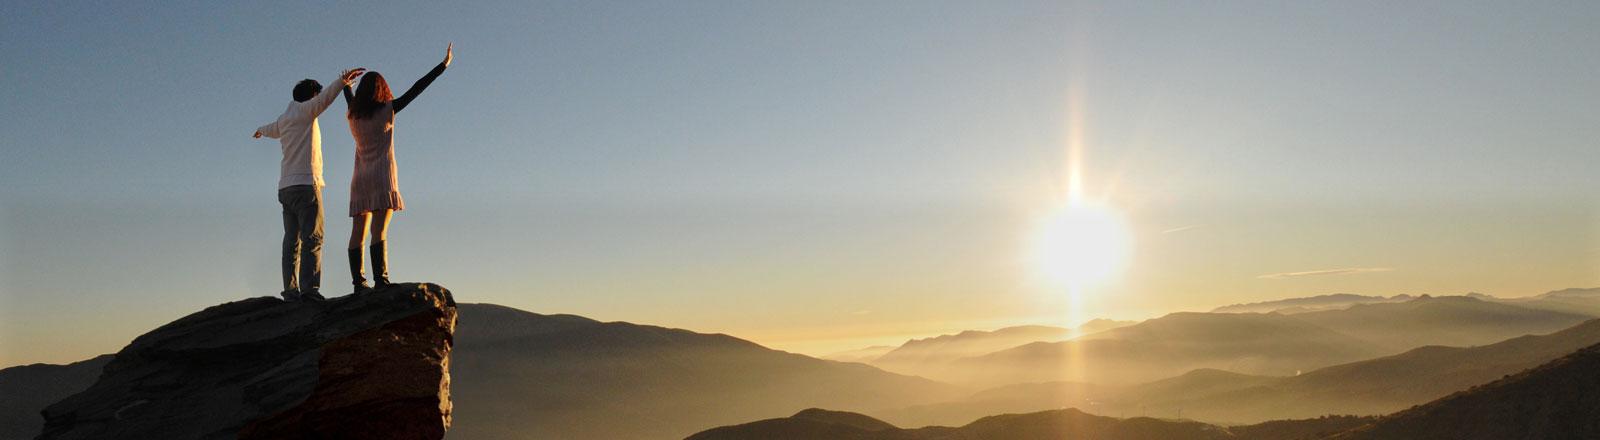 Ein Paar steht auf einem Felsvorsprung und schaut mit nach oben gerissenen Armen in die Sonne.